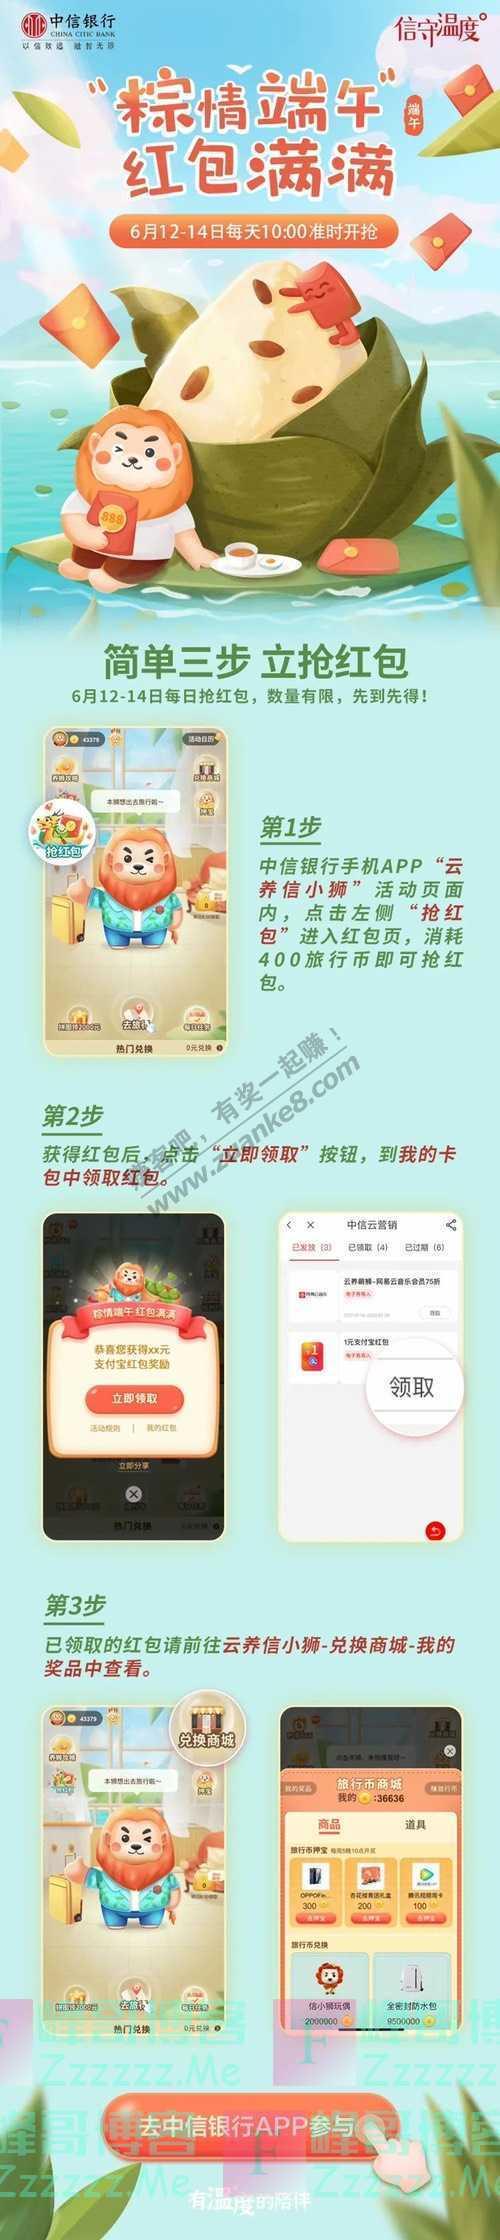 中信银行粽情端午,红包满满,最高抢888元!(6月14日截止)